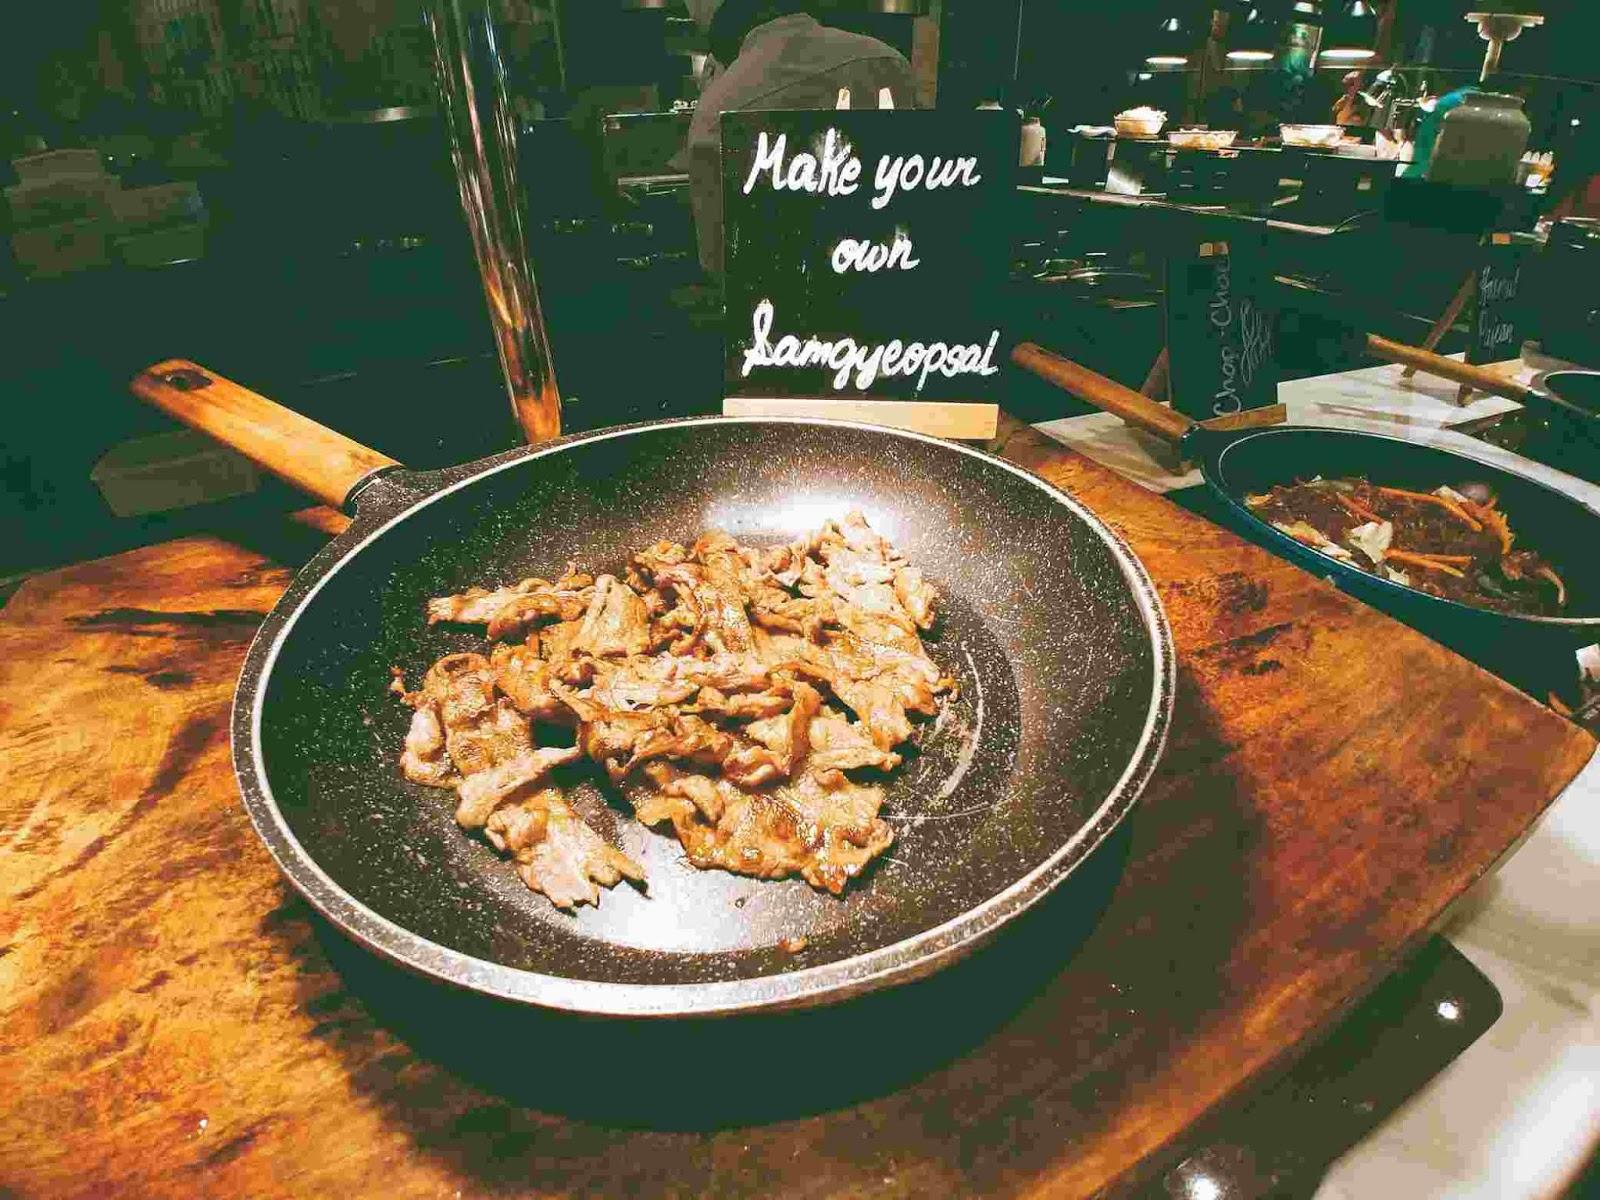 Vikings Luxury Buffet: samgyeopsal or Korean barbecue